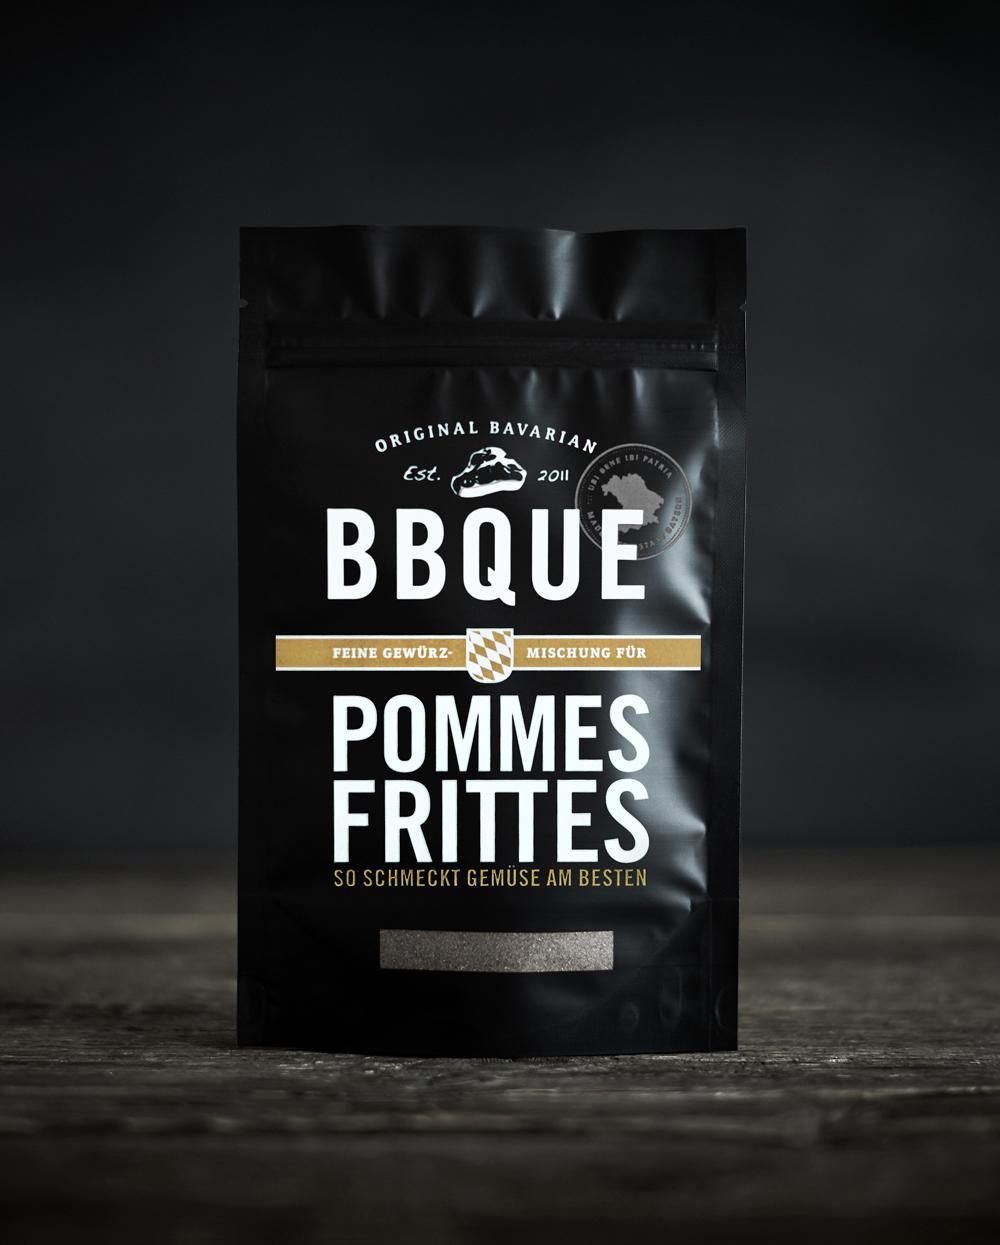 BBQUE_Beutel_Pommes